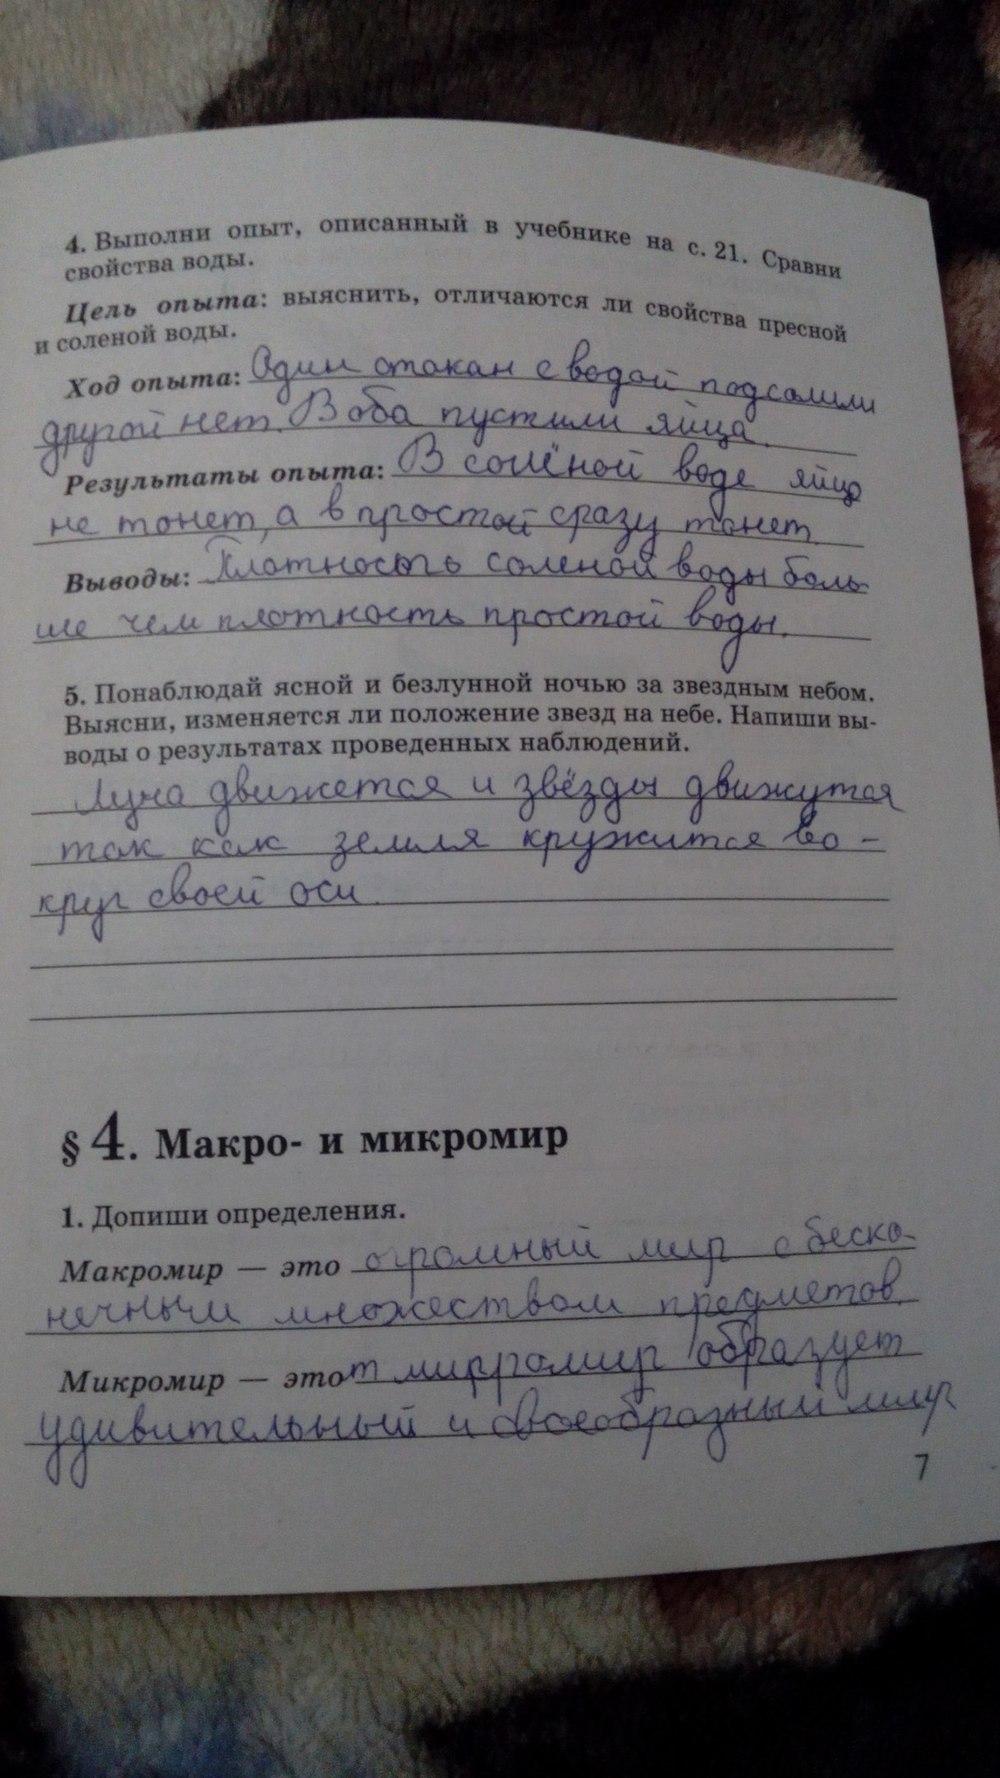 суматохин биология рабочая класс тетрадь гдз 5